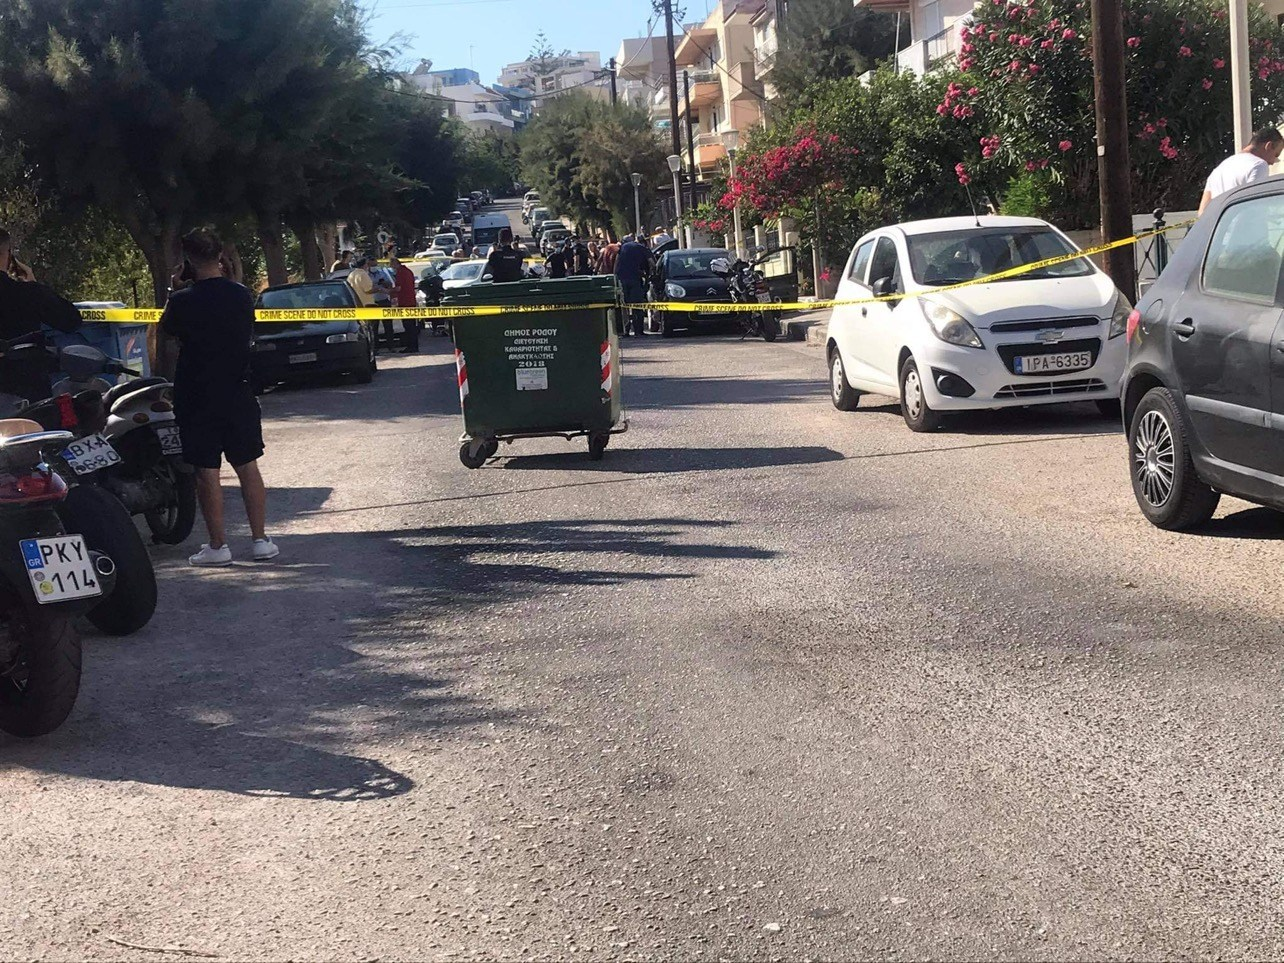 Ρόδος: Σκότωσαν γυναίκα στη μέση του δρόμου-Αυτοκτόνησε ο δράστης